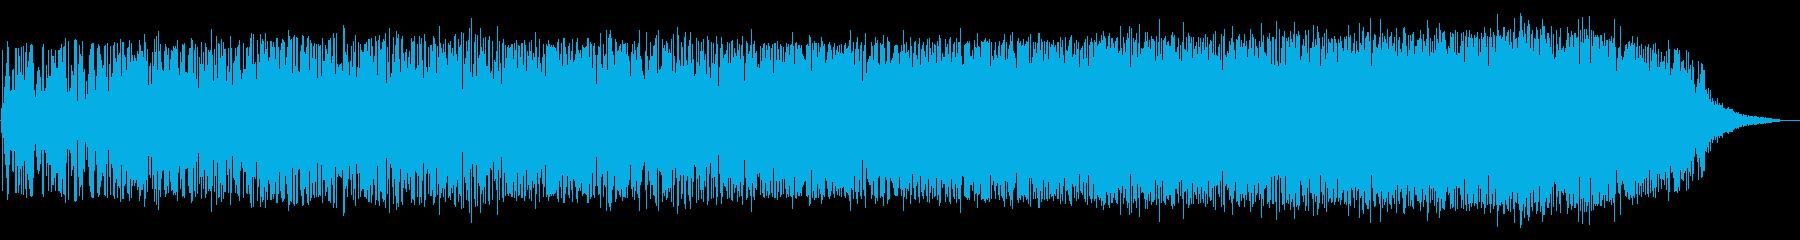 ブオーン(宇宙船の離陸音)の再生済みの波形